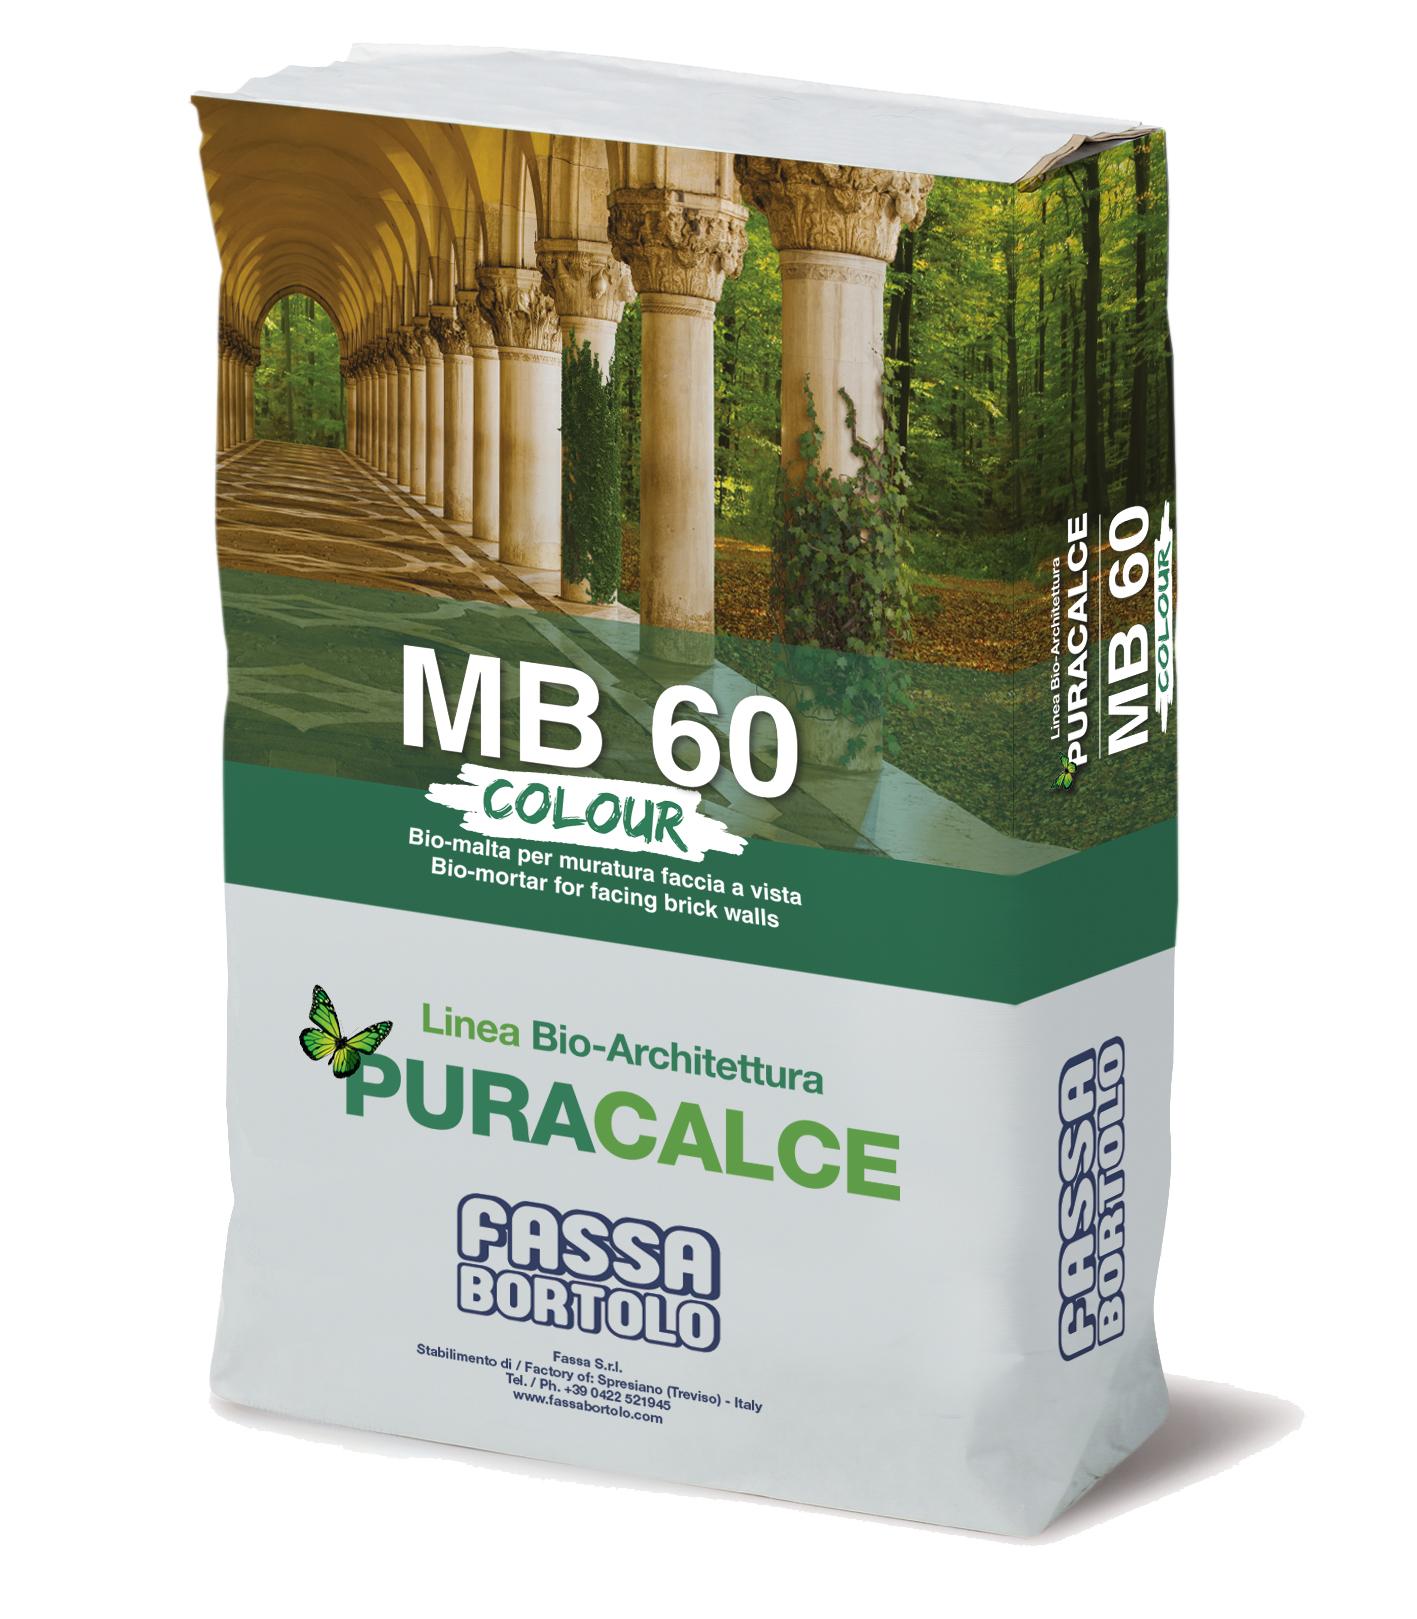 MB 60 COLORIDO: Argamassa face à vista colorida de aplicação manual em interior e exterior